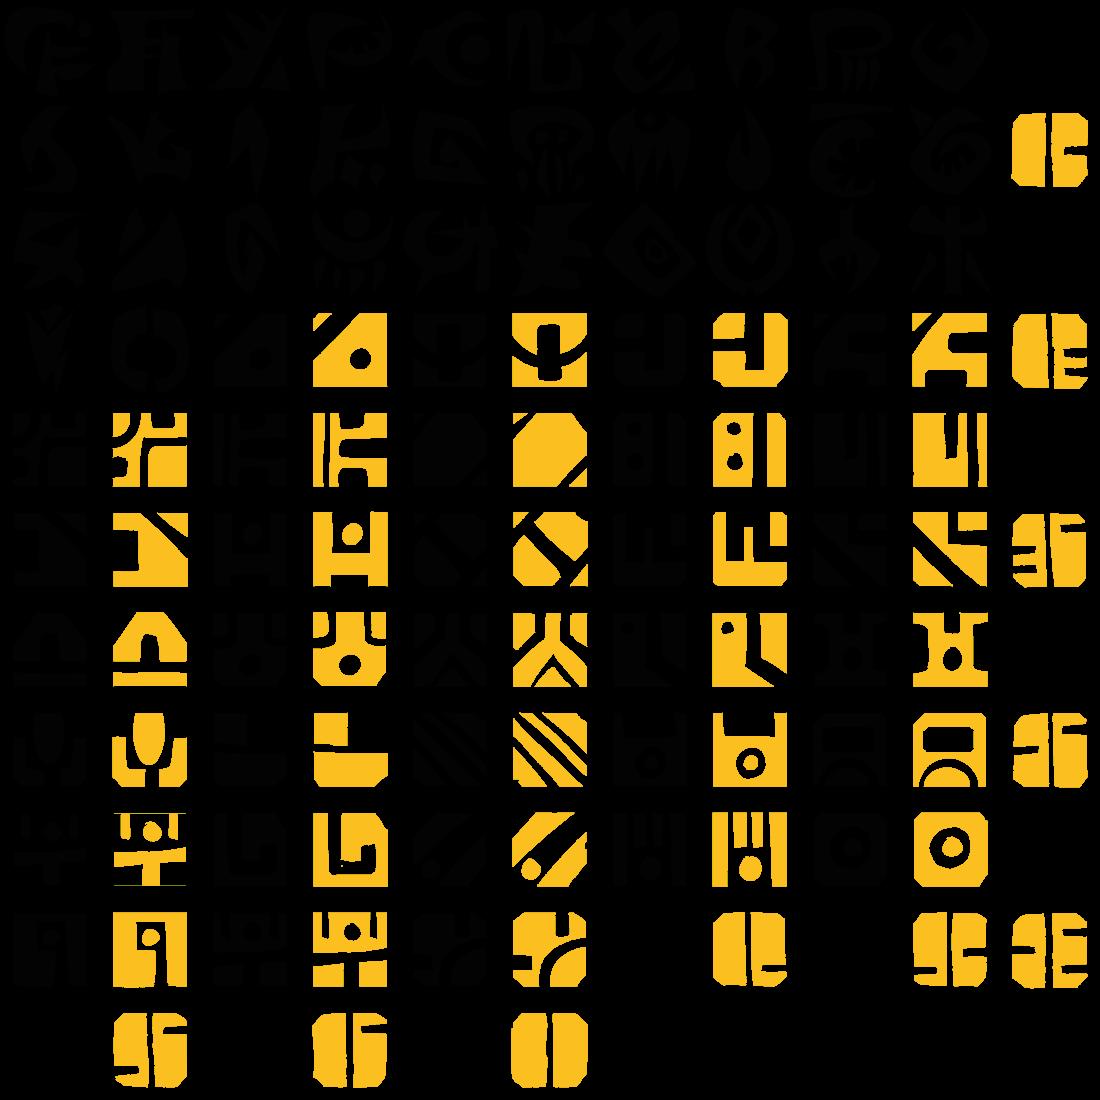 58e8ed8195144_AlphabetCompilation.png.18